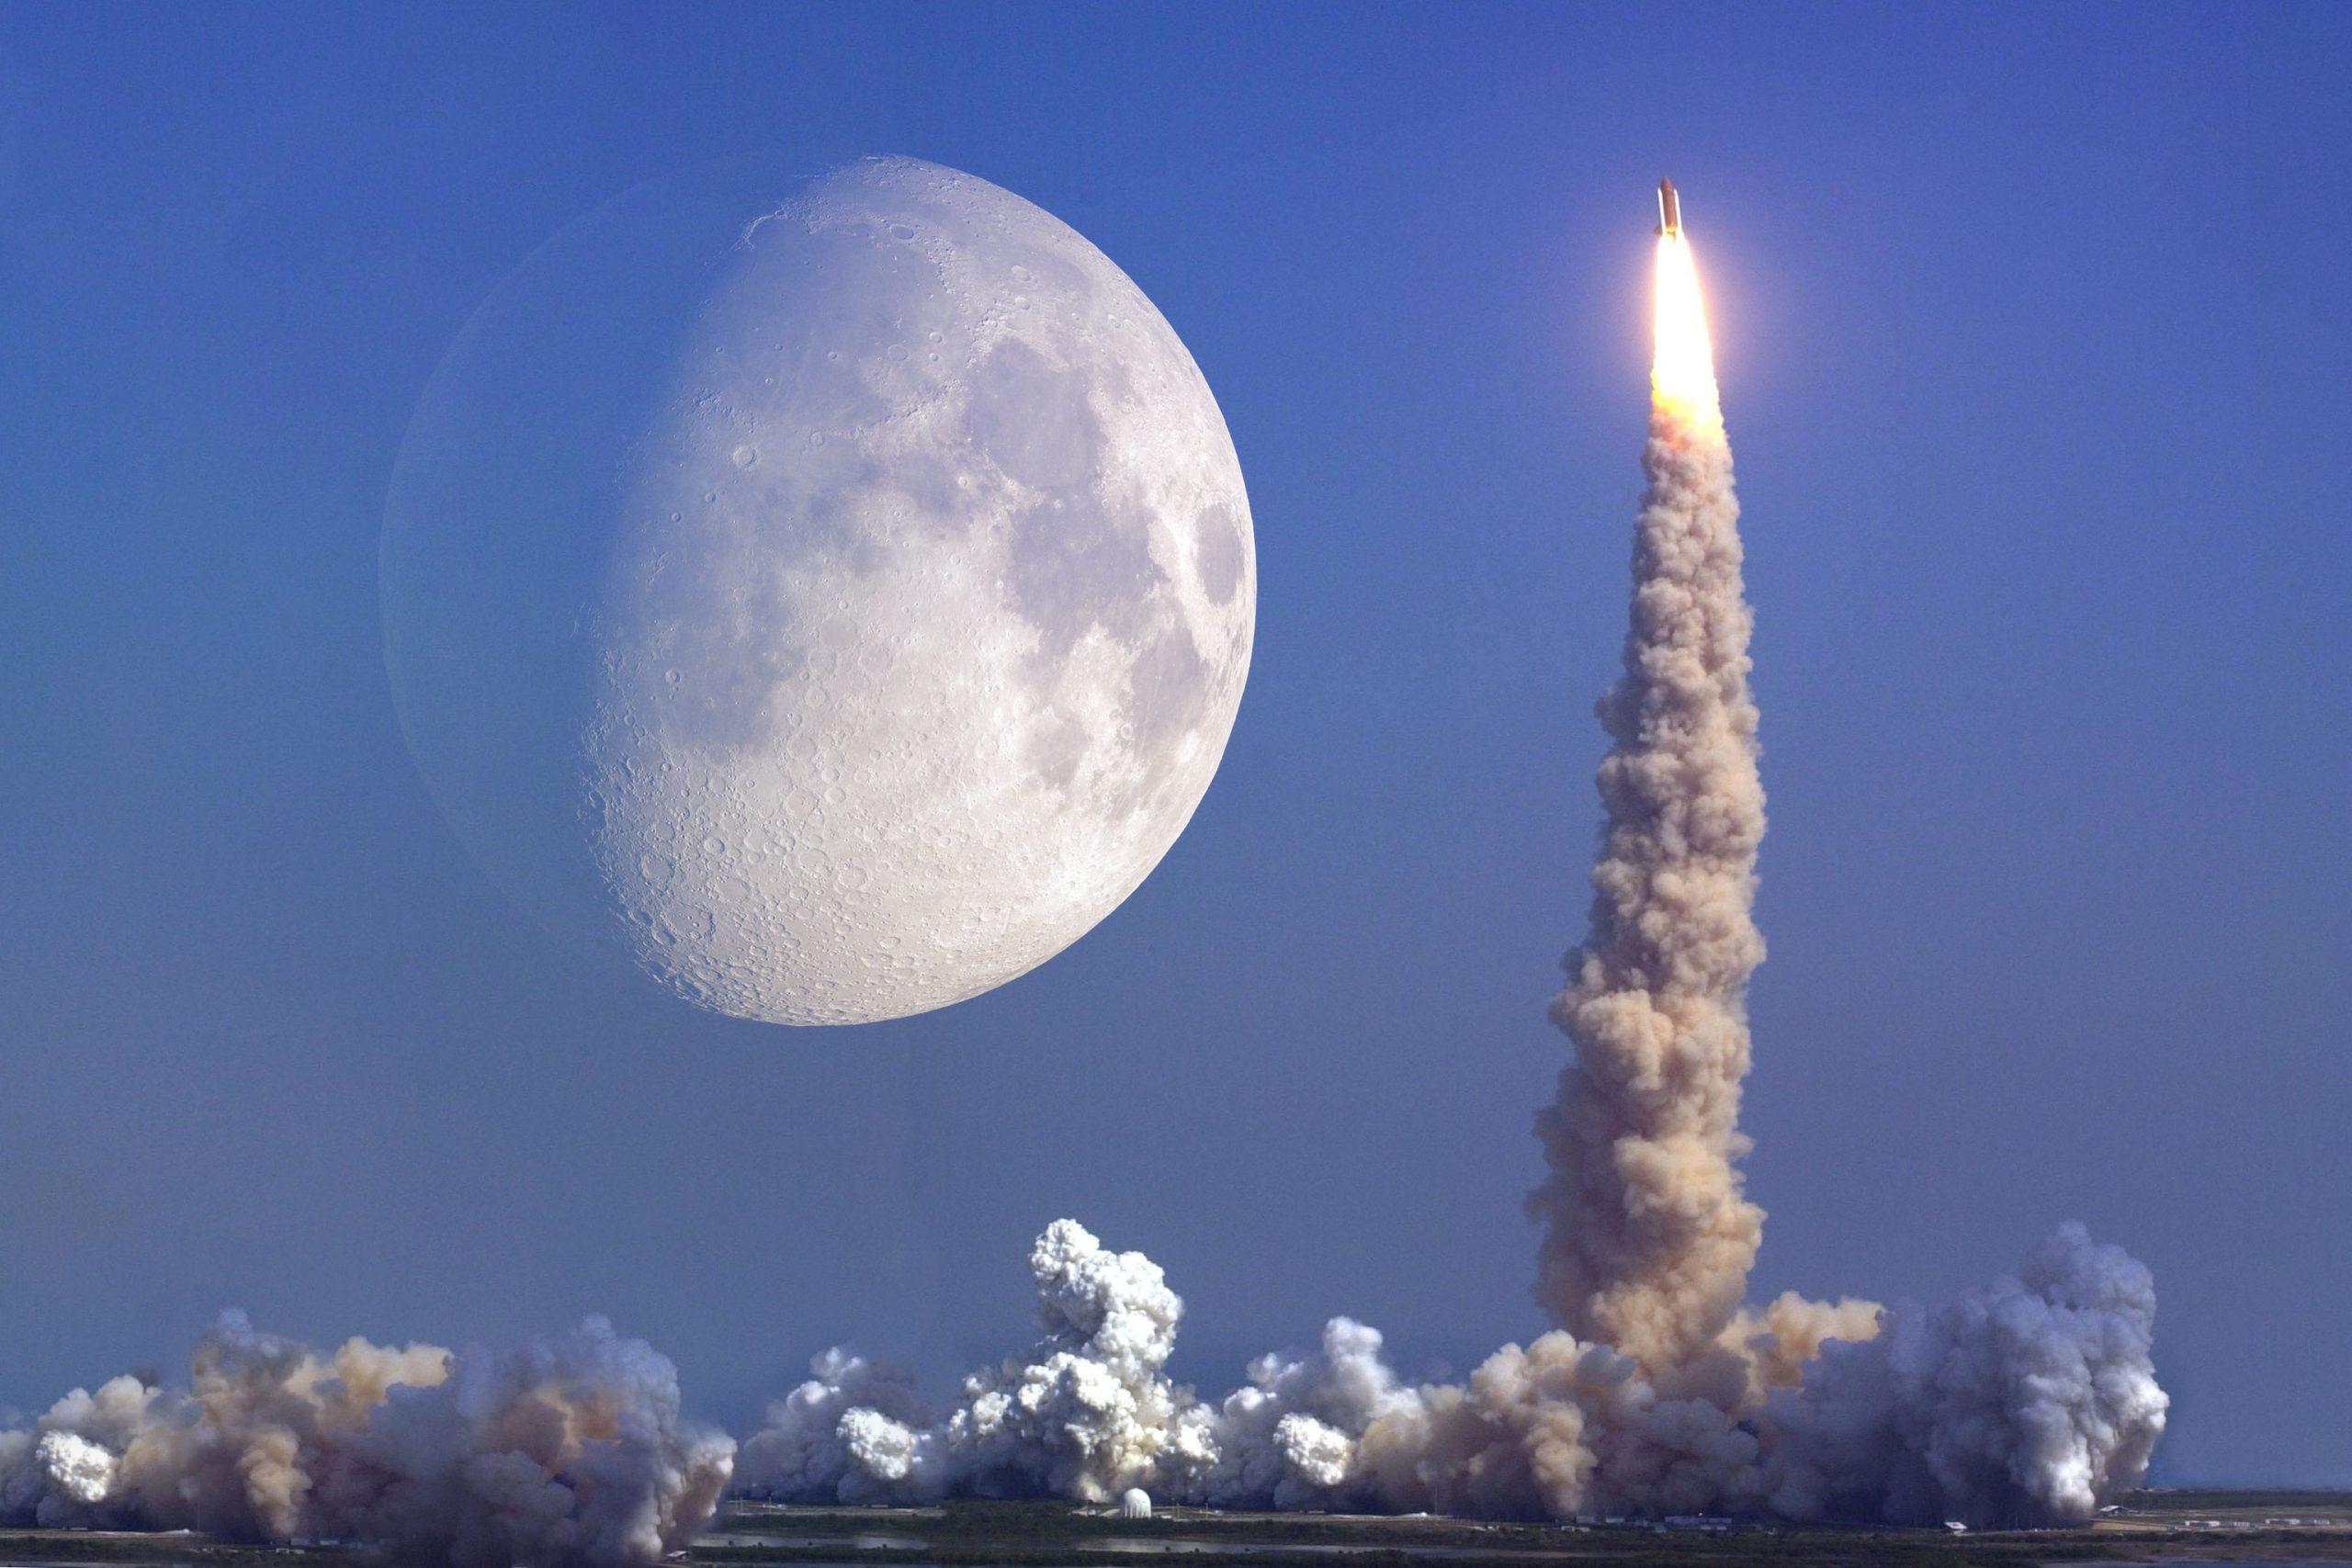 Raketenstart mit Mond im Hintergrund. Symbolbild NFT-Rekord